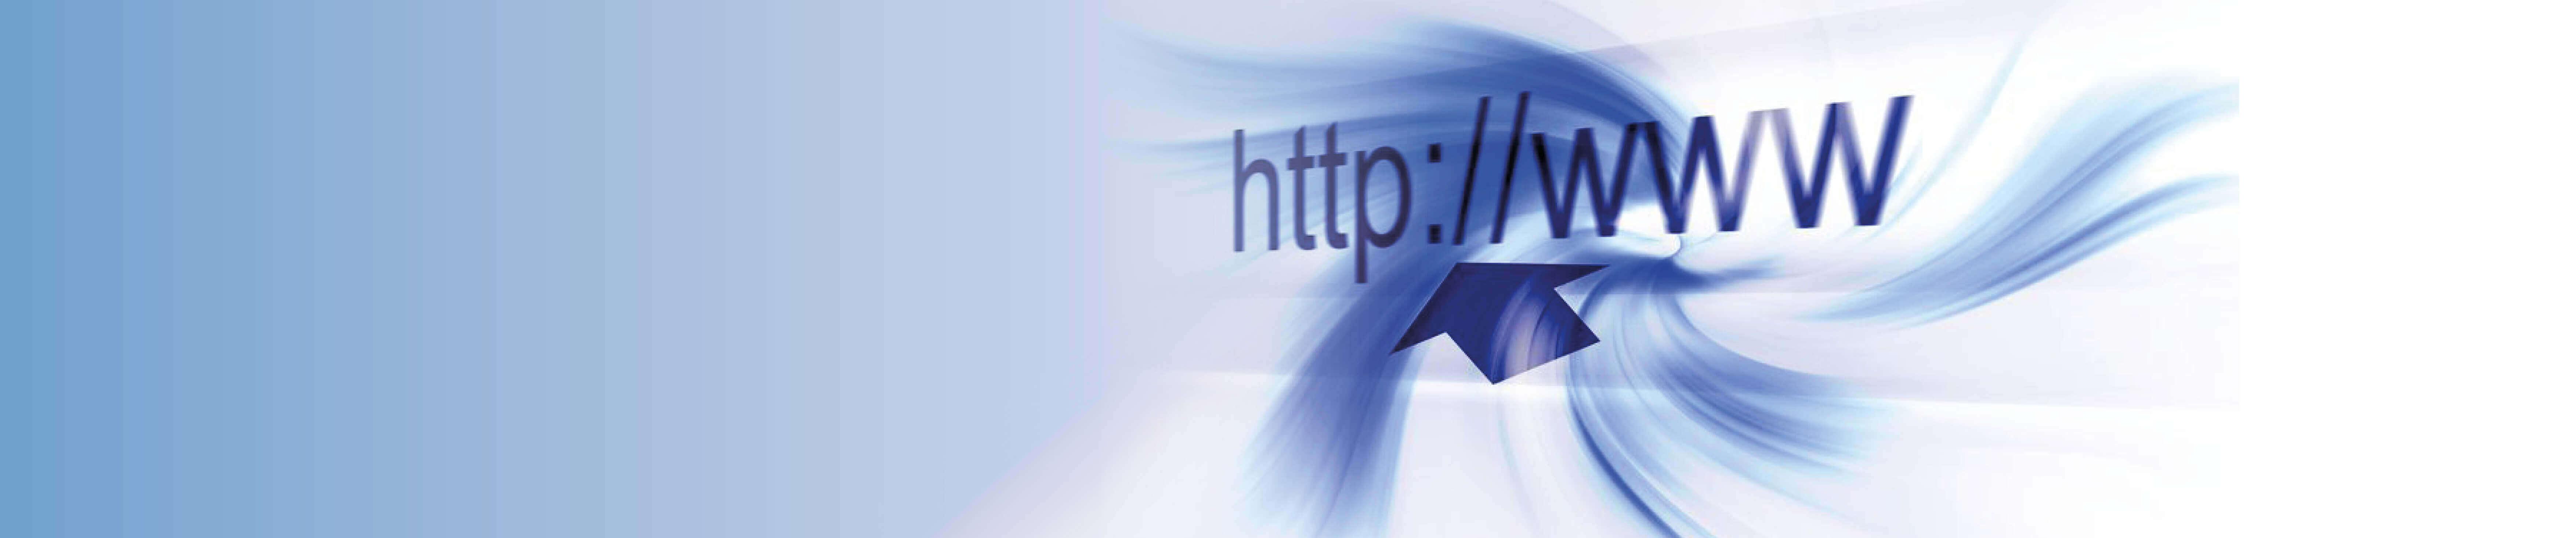 Zorgservice Brabant website verbeteringen7